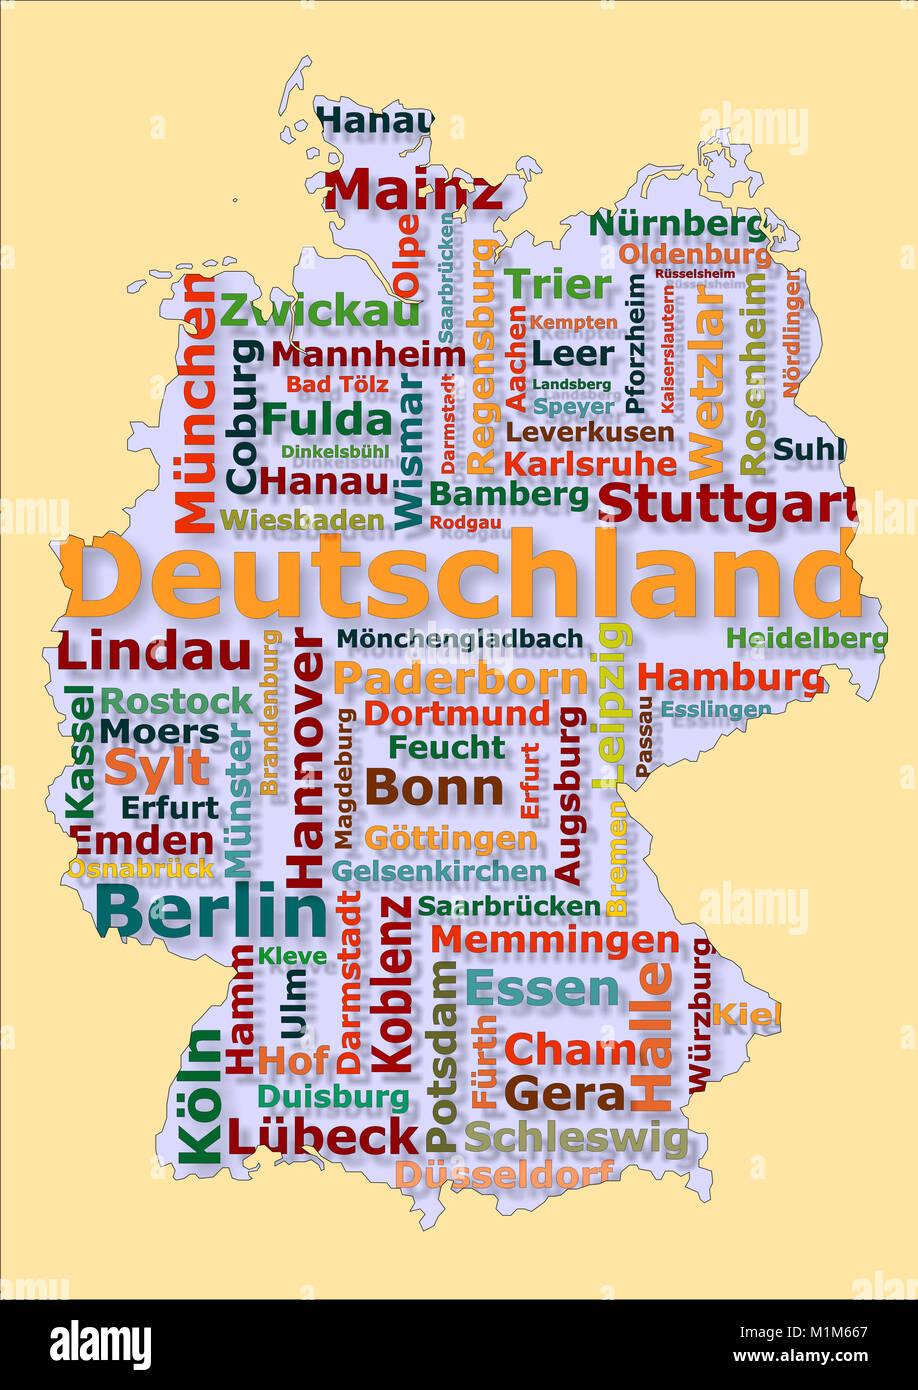 Deutschland Karte mit großen Städten - Stock Image